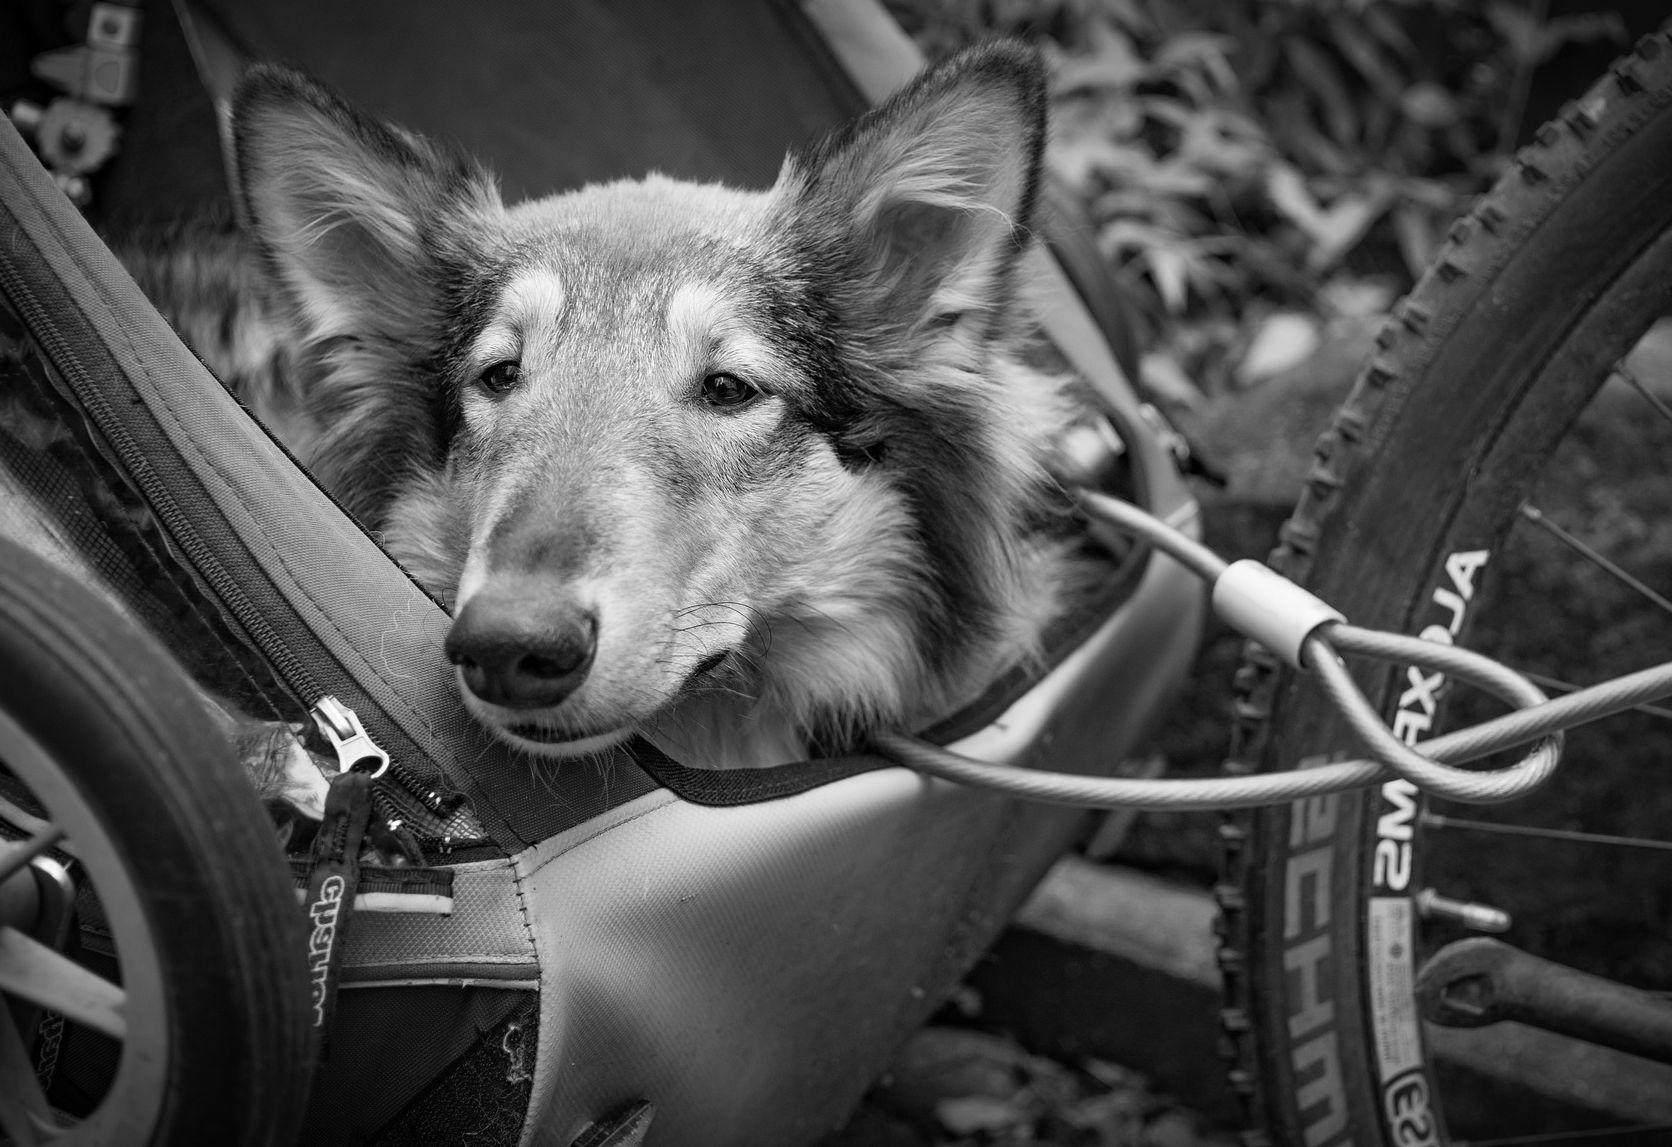 Fahrradanhänger Tiertransporter